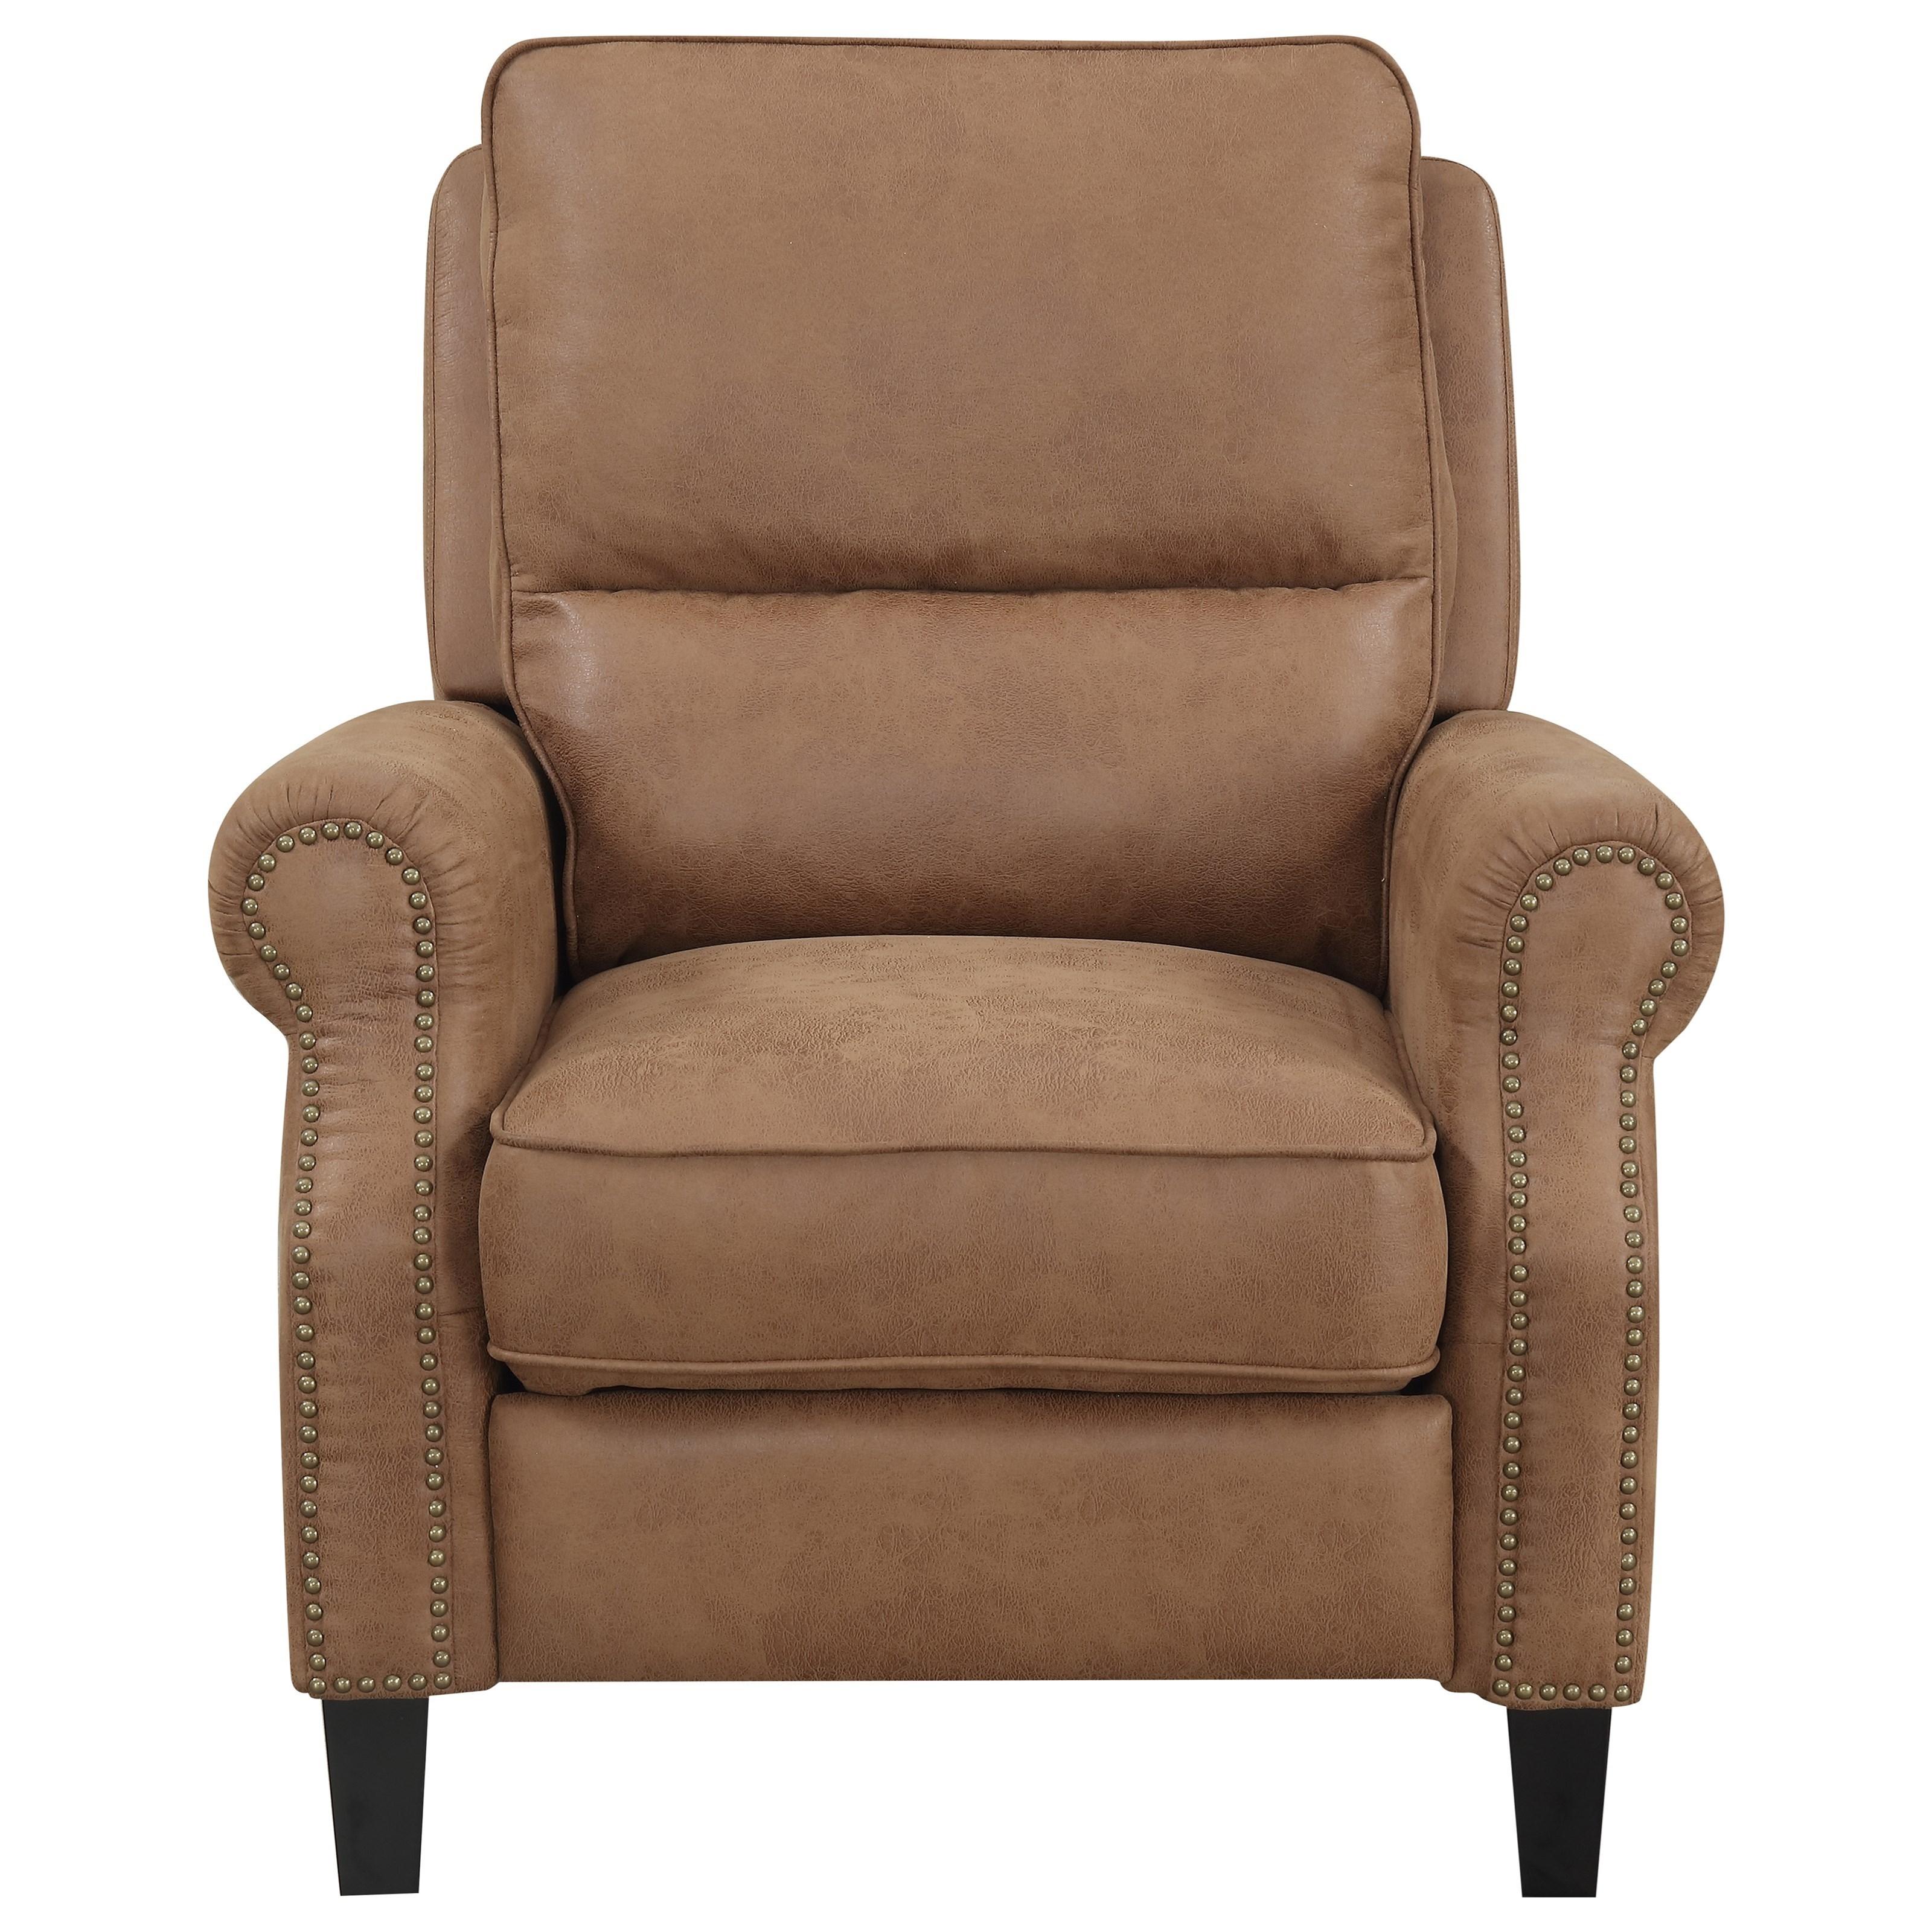 Pressback Chair